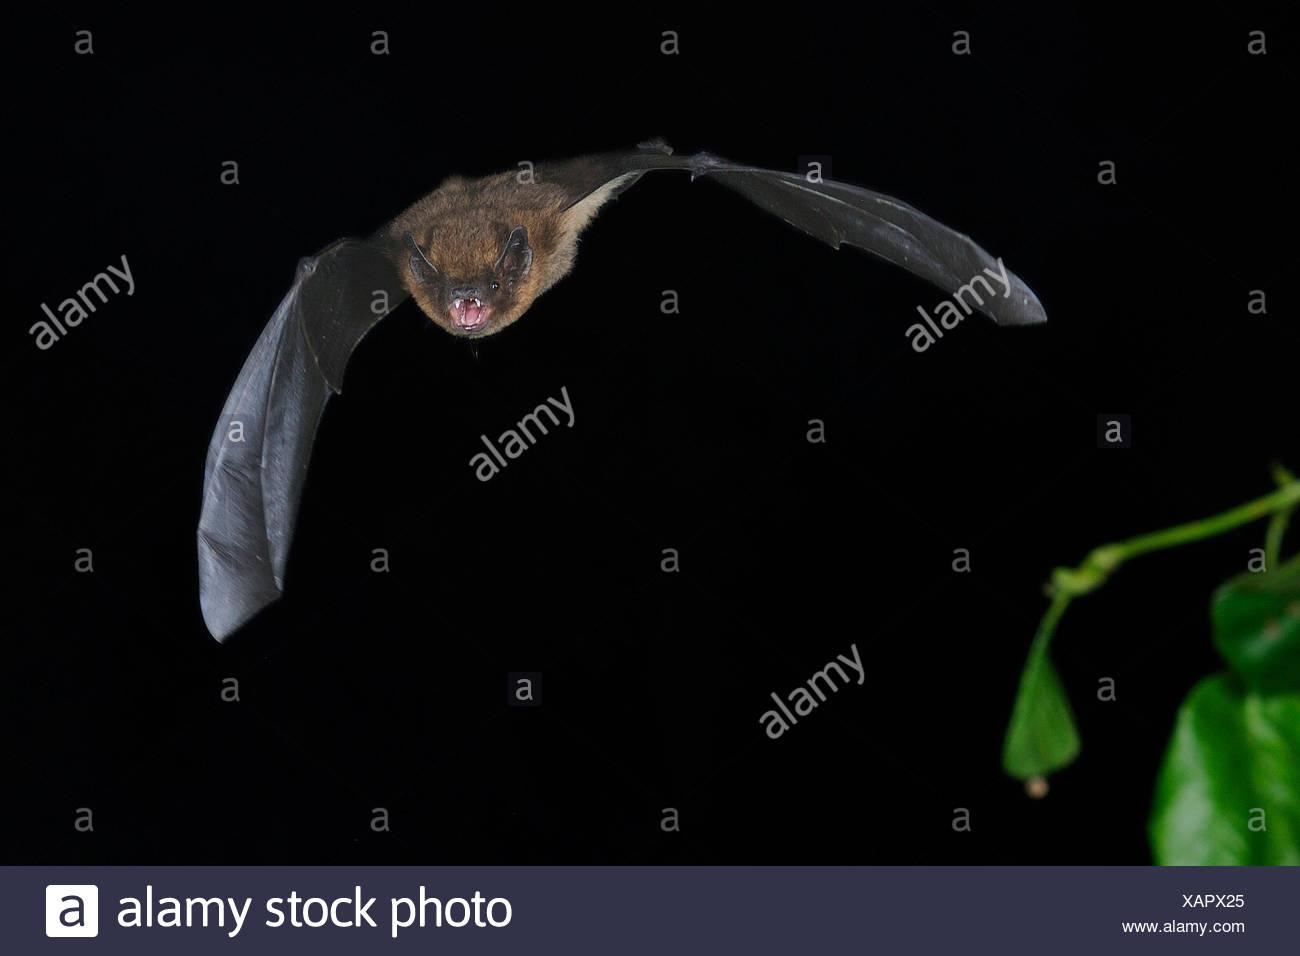 Zwergfledermaus Im Flug aus Dem Schlafplatz, Sennestadt, NRW, Deutschland Stockbild